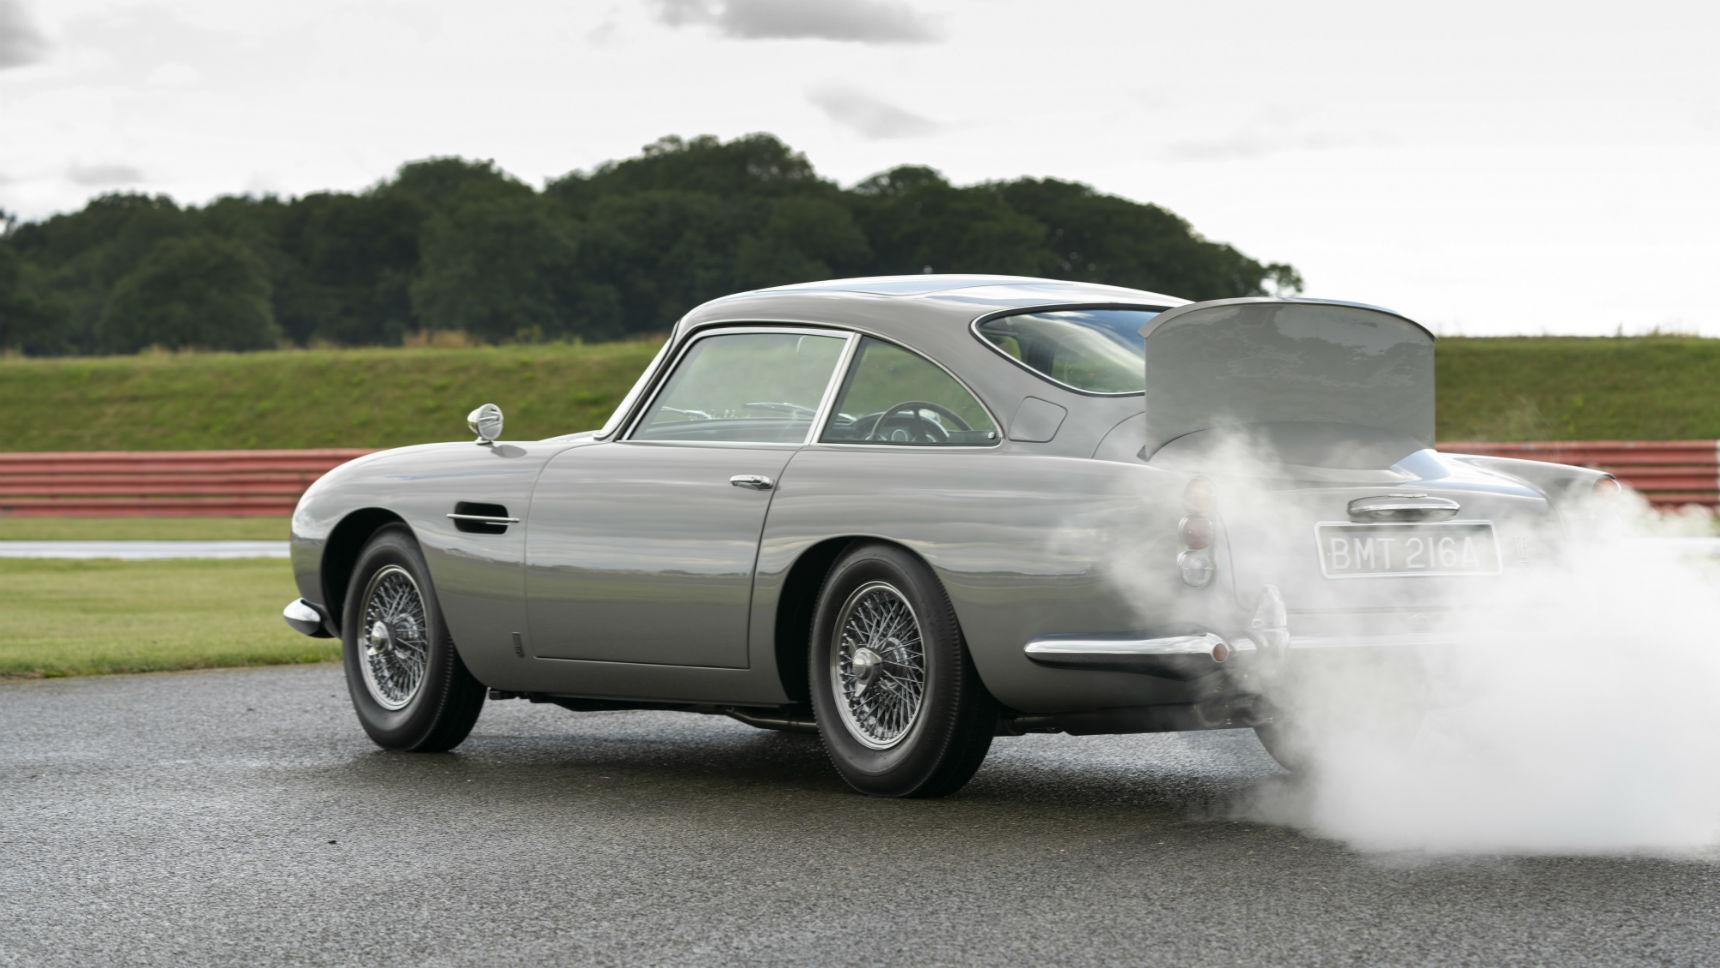 Aston Martin построил спорткар с дымовой завесой, пулеметом и тараном